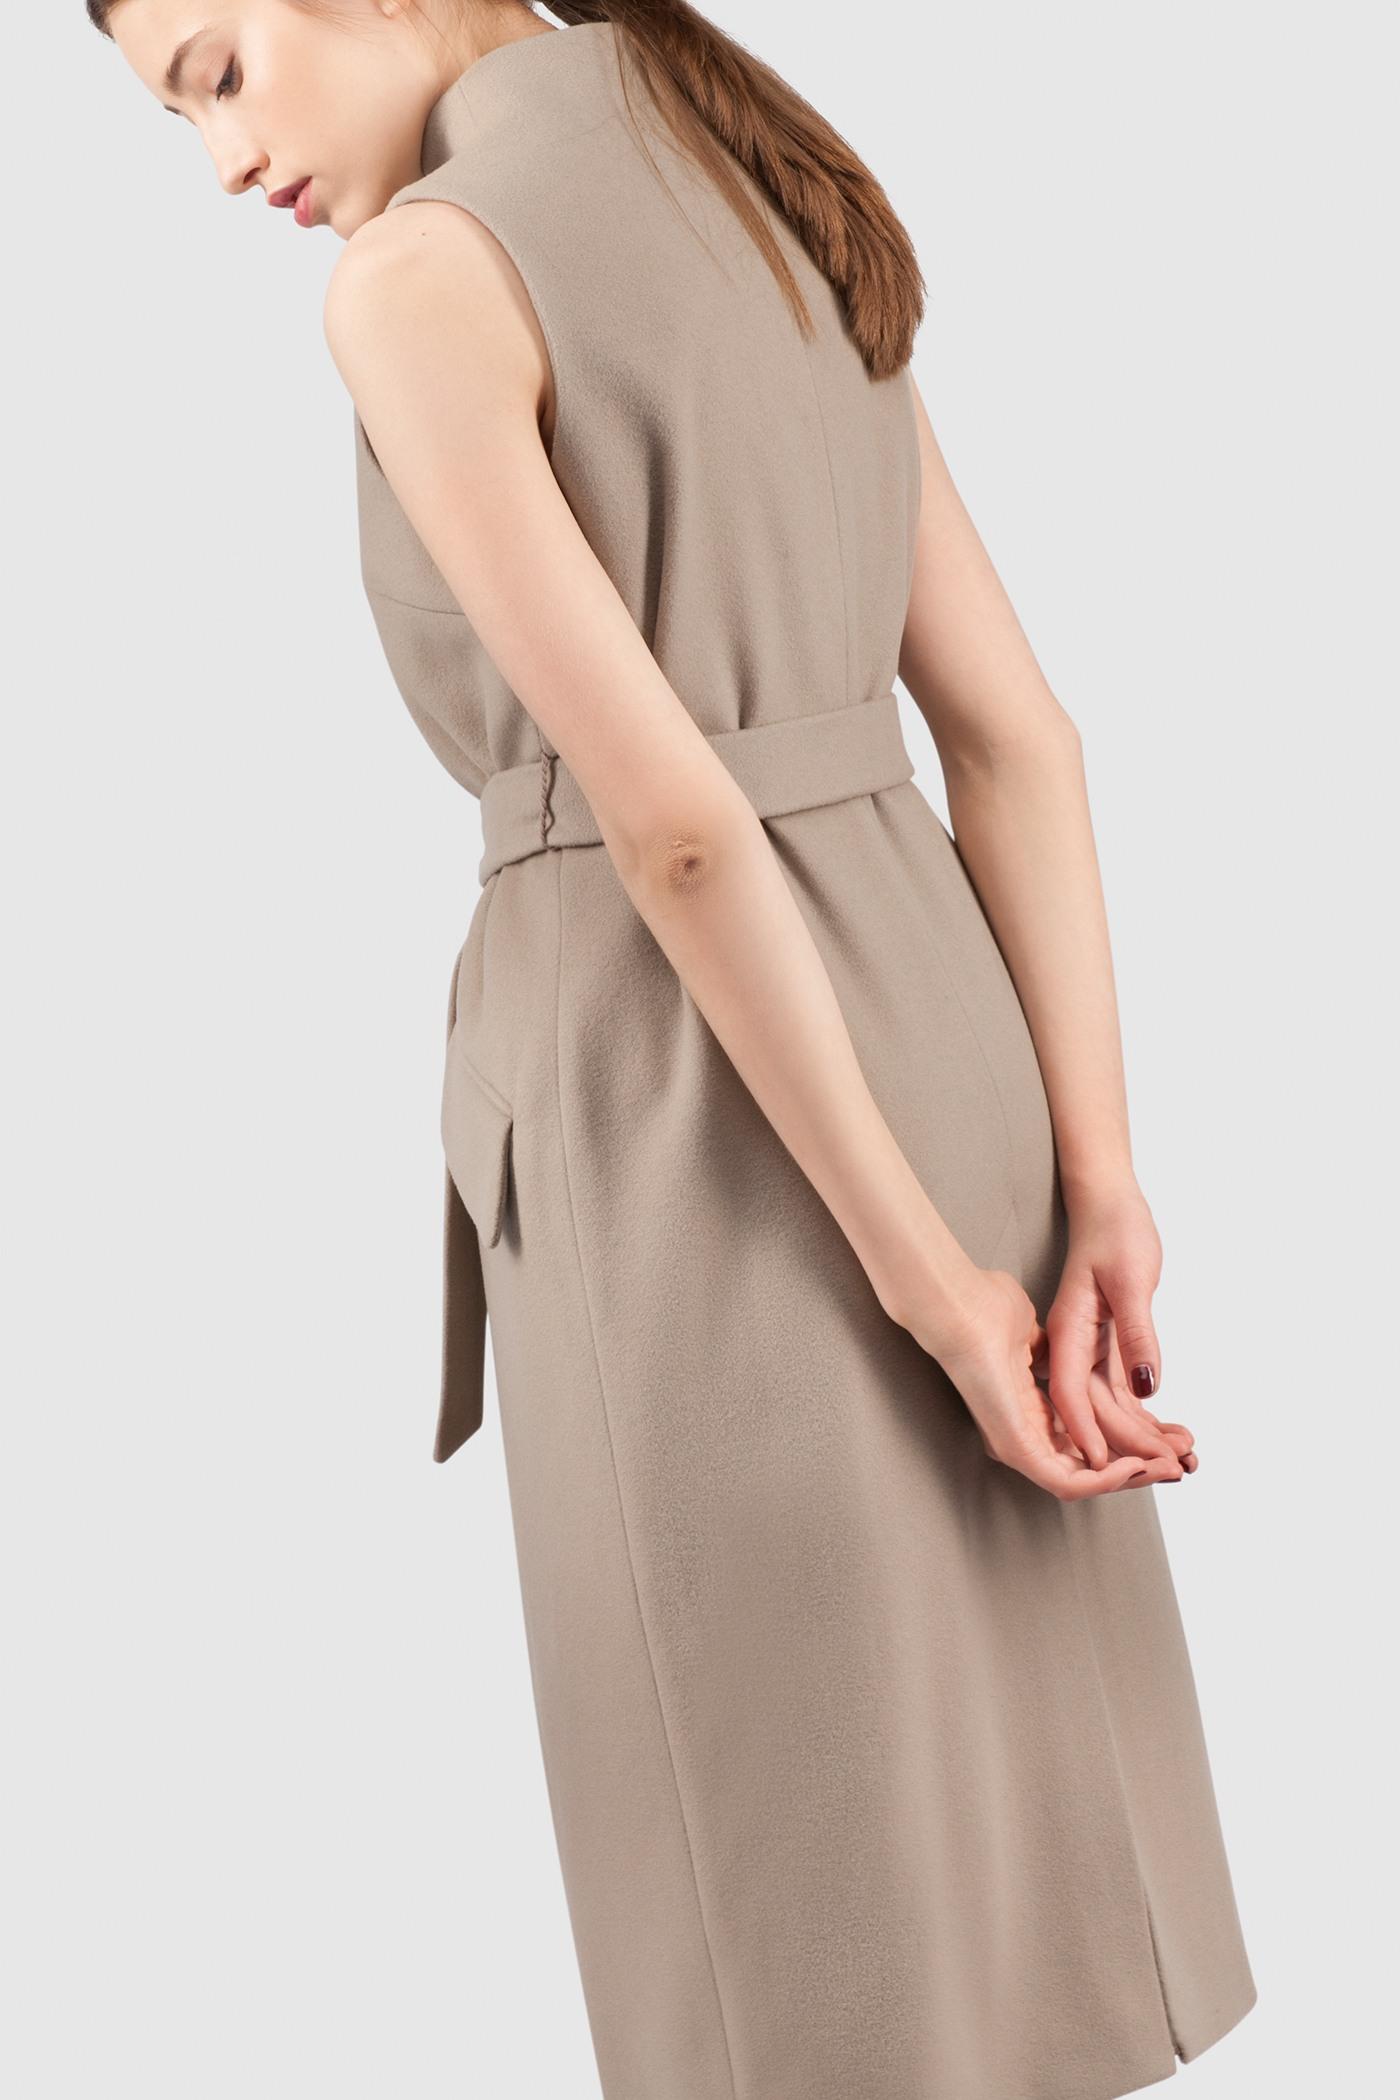 ЖилетЖилет полуприлегающего силуэта из легкой шерсти, с цельнокроеной стойкой&#13;<br>&#13;<br>&#13;<br>вместительные карманы в рамку с клапаном&#13;<br>&#13;<br>застегивается на магнитную кнопку&#13;<br>&#13;<br>одинаково хорошо сочетается с разным стилем одежды&#13;<br>&#13;<br>пояс в комплекте&#13;<br>&#13;<br>&#13;<br>У модели 3 ростовки:&#13;<br>&#13;<br>158-164 (длина изделия 106 см)&#13;<br>164-170 (длина изделия 110 см)&#13;<br>170-176 (длина изделия 114 см)&#13;<br>&#13;<br>При определении размера воспользуйтесь таблицей размеров<br><br>Цвет: Бежевый<br>Размер: XS, S, M, L<br>Ростовка: 158 -164, 164 -170, 170 -176